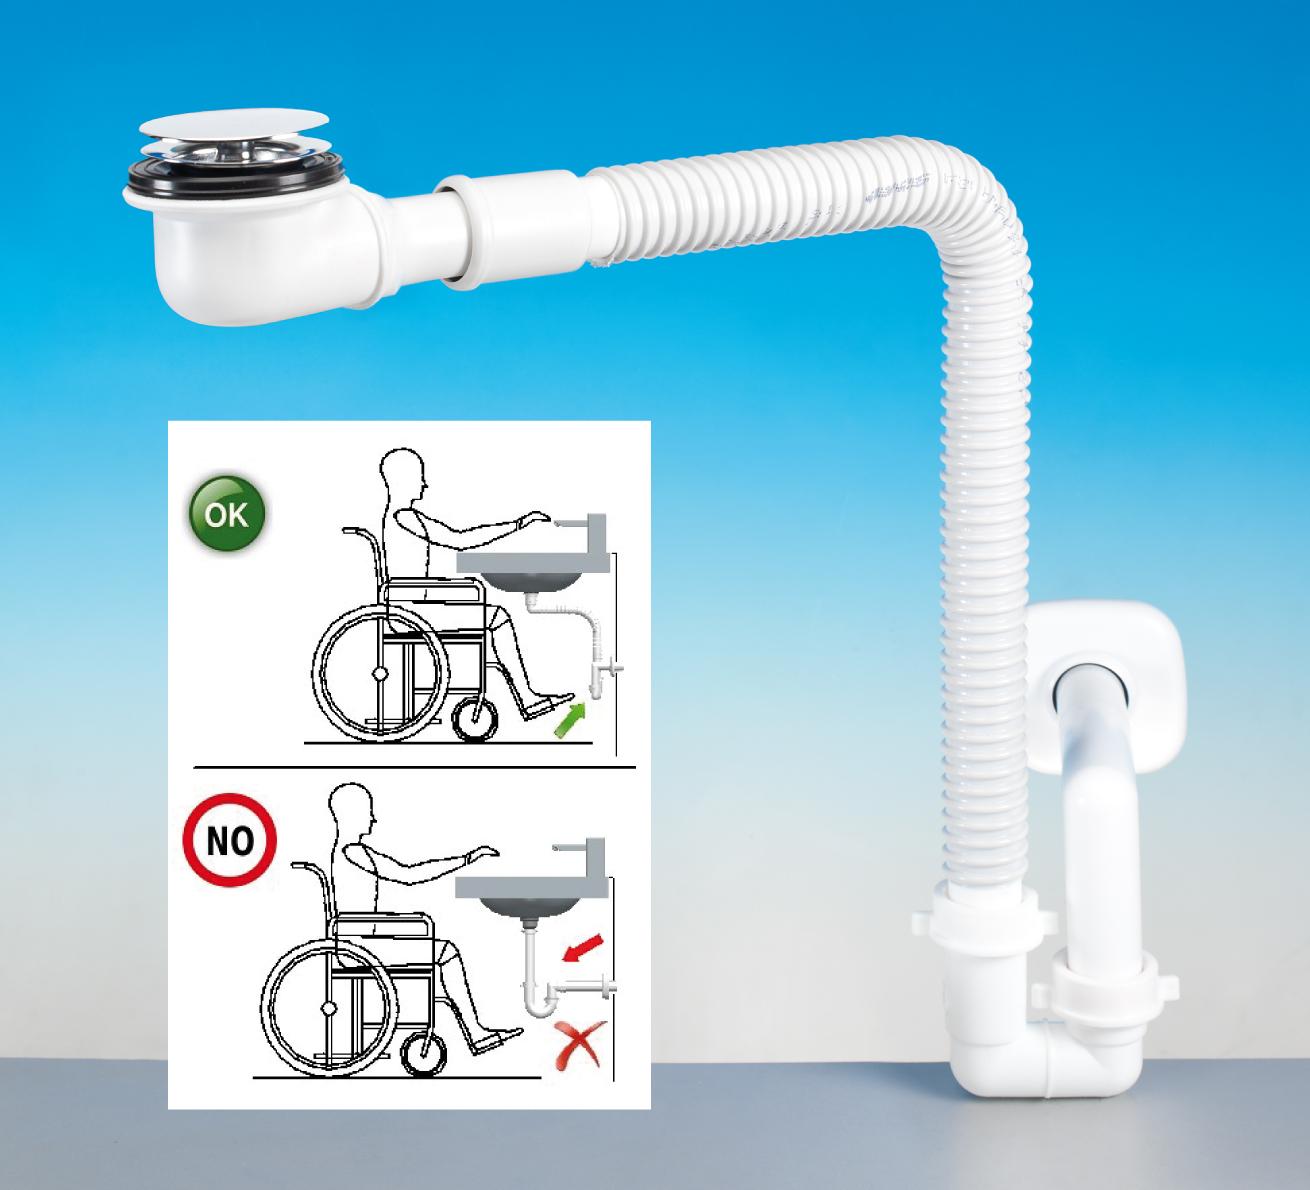 Spazio bagno disabili rci progettare rinnovabili riscaldamento climatizzazione idronica - Progettare bagno disabili ...